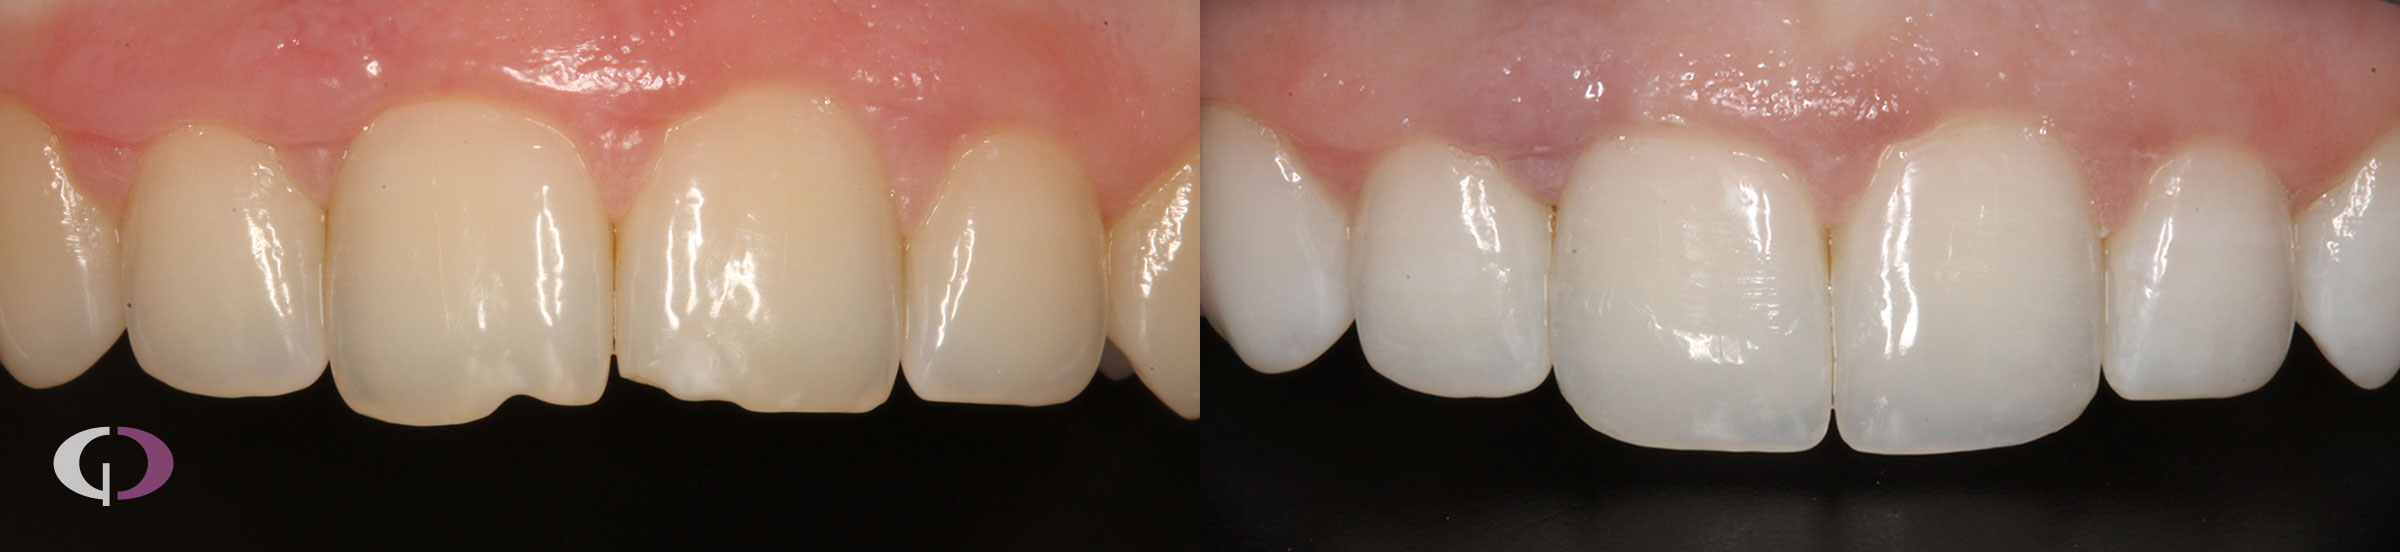 Reconstrucción dental en Sevilla